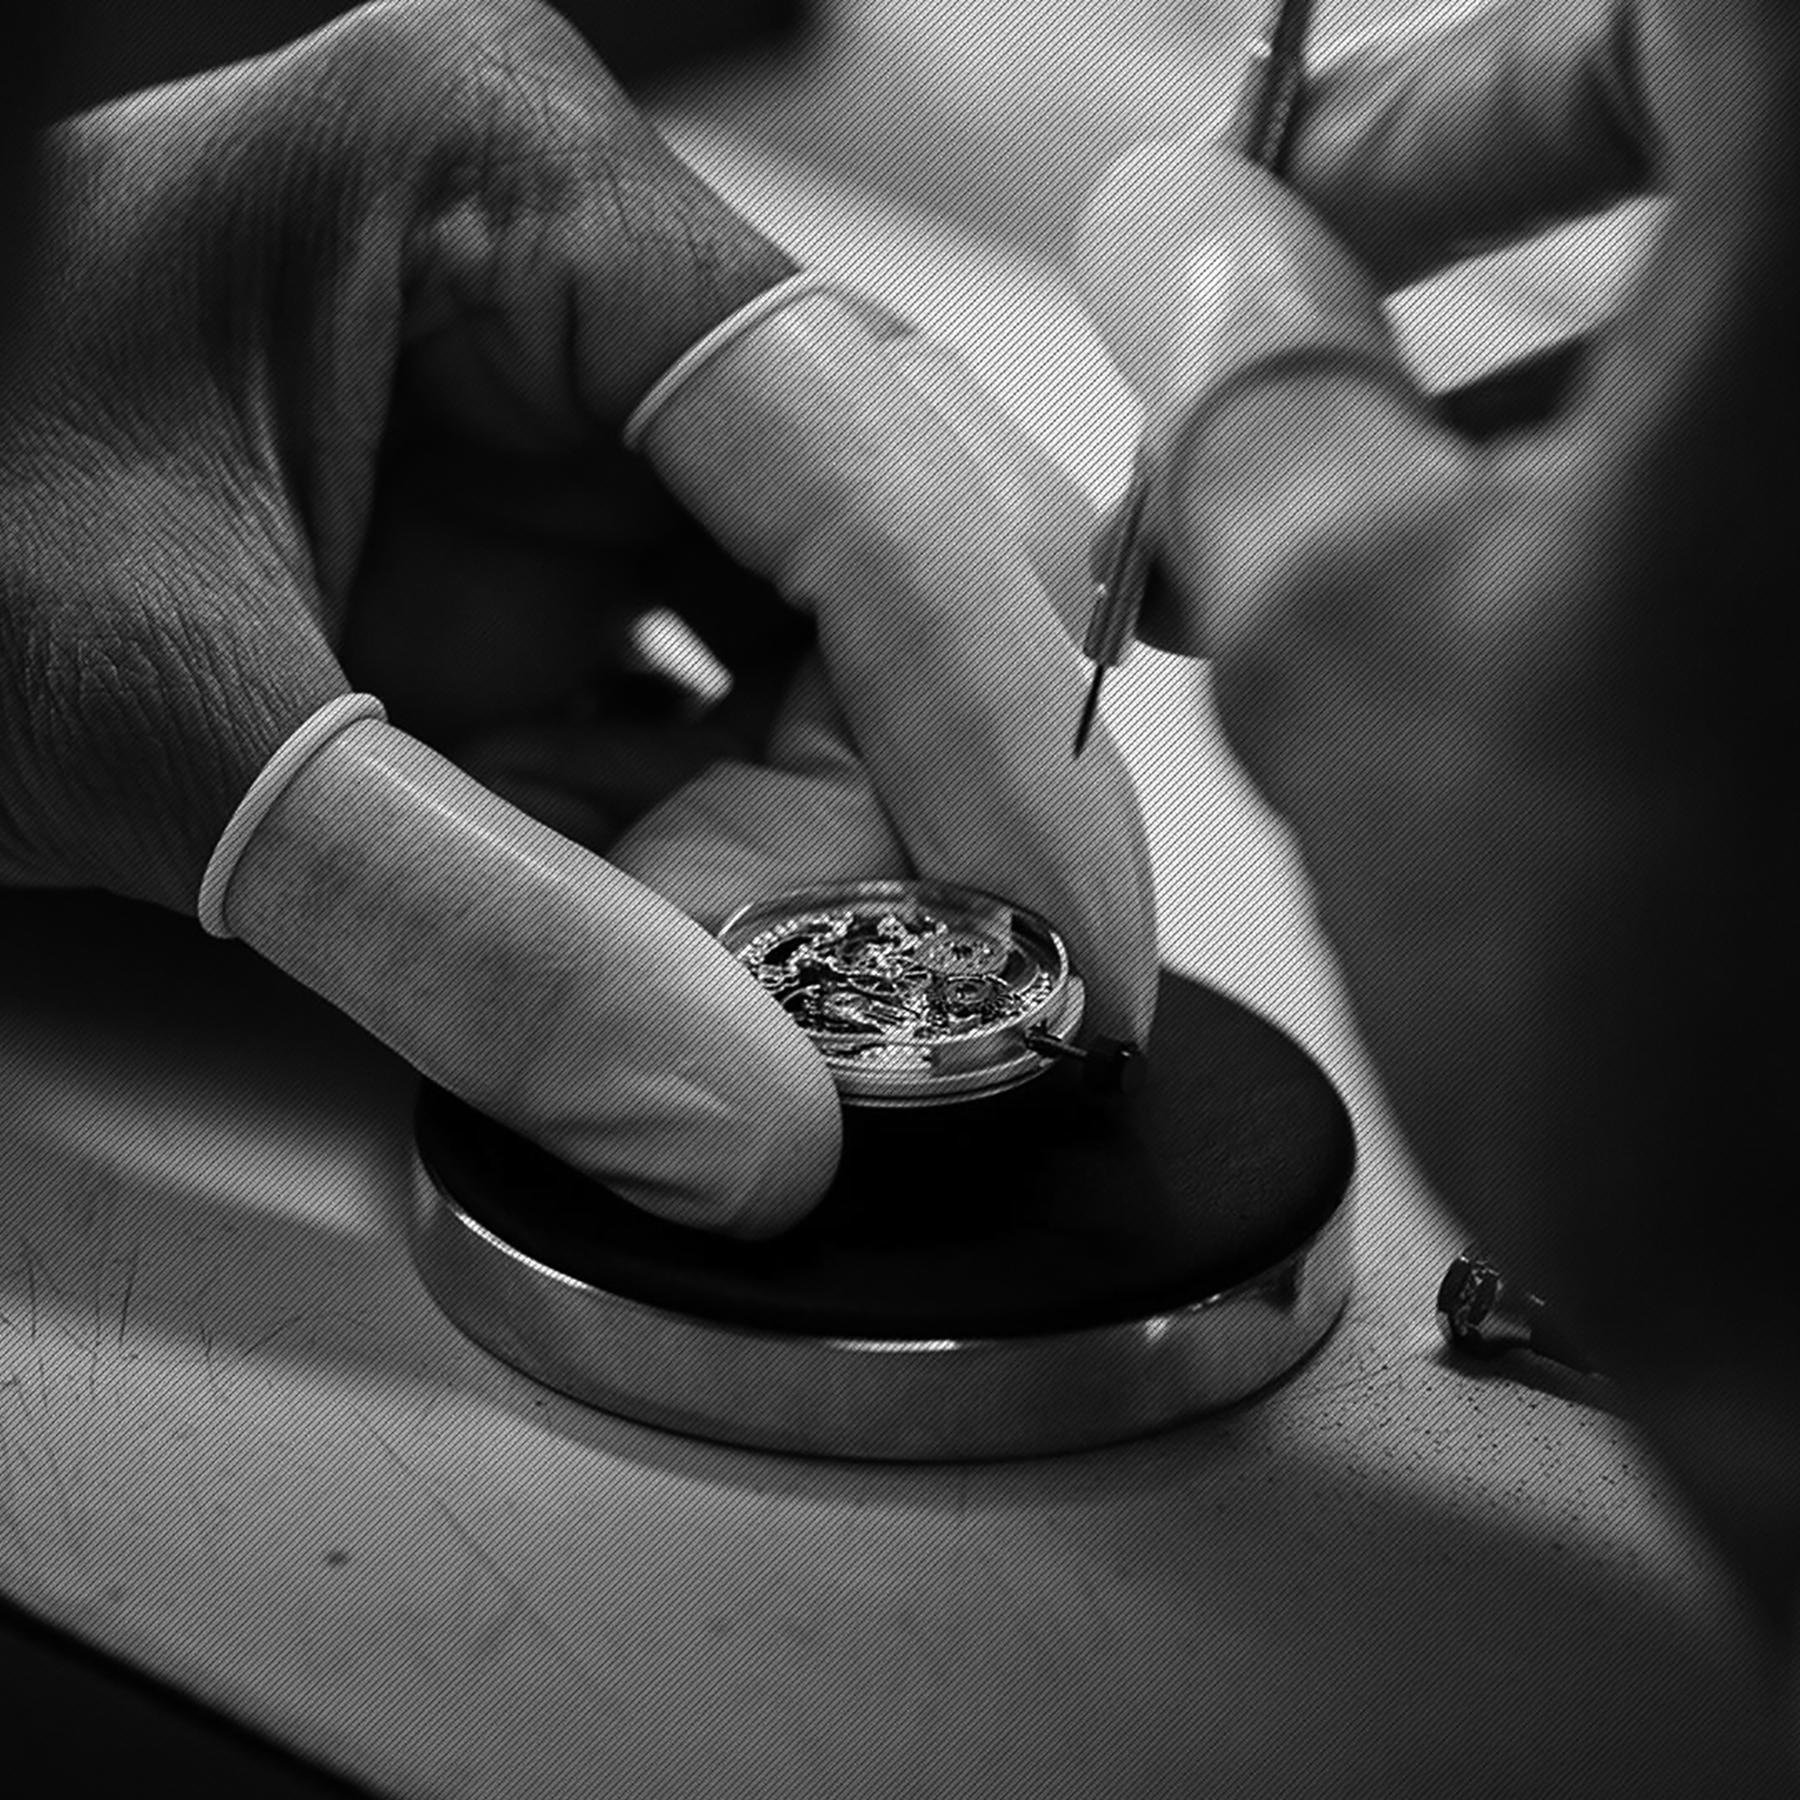 高品質な時計修理・オーバーホール・電池交換のことならATELIER EAU ROUGE(アトリエ オールージュ)